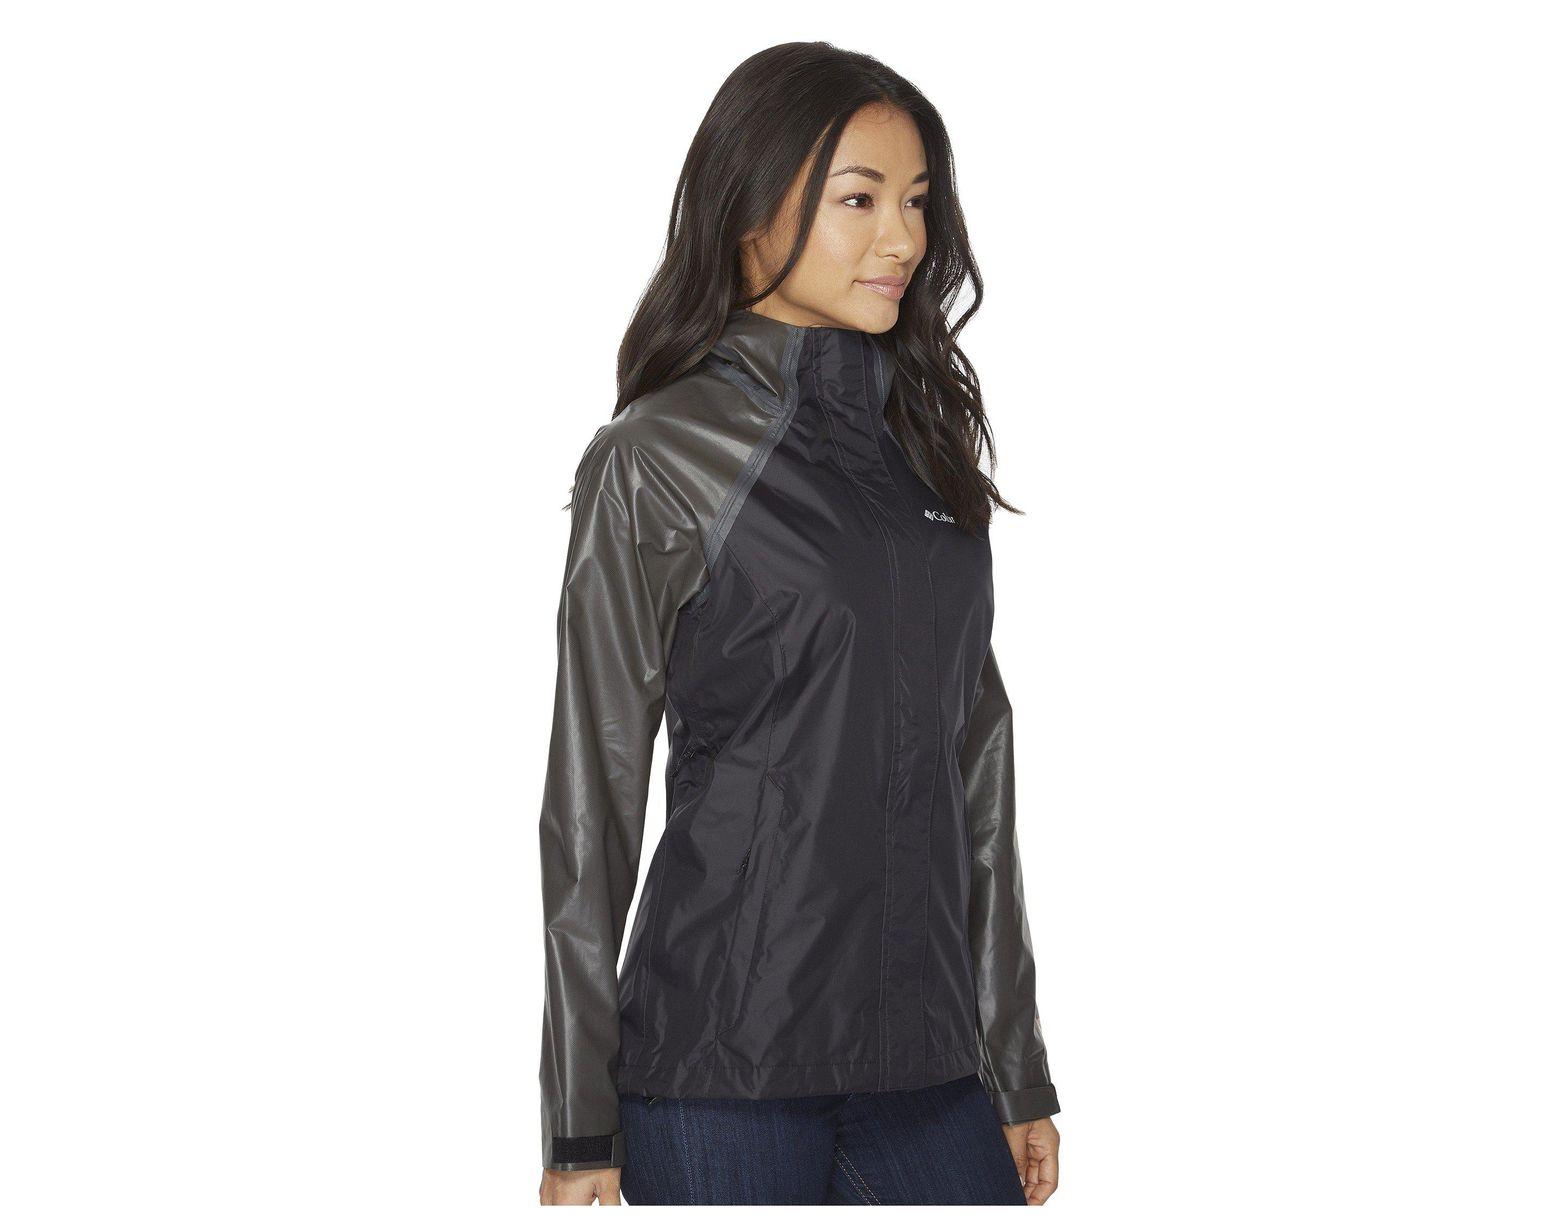 f648379921 Columbia Outdry Hybrid Jacket (black) Women s Coat in Black - Lyst